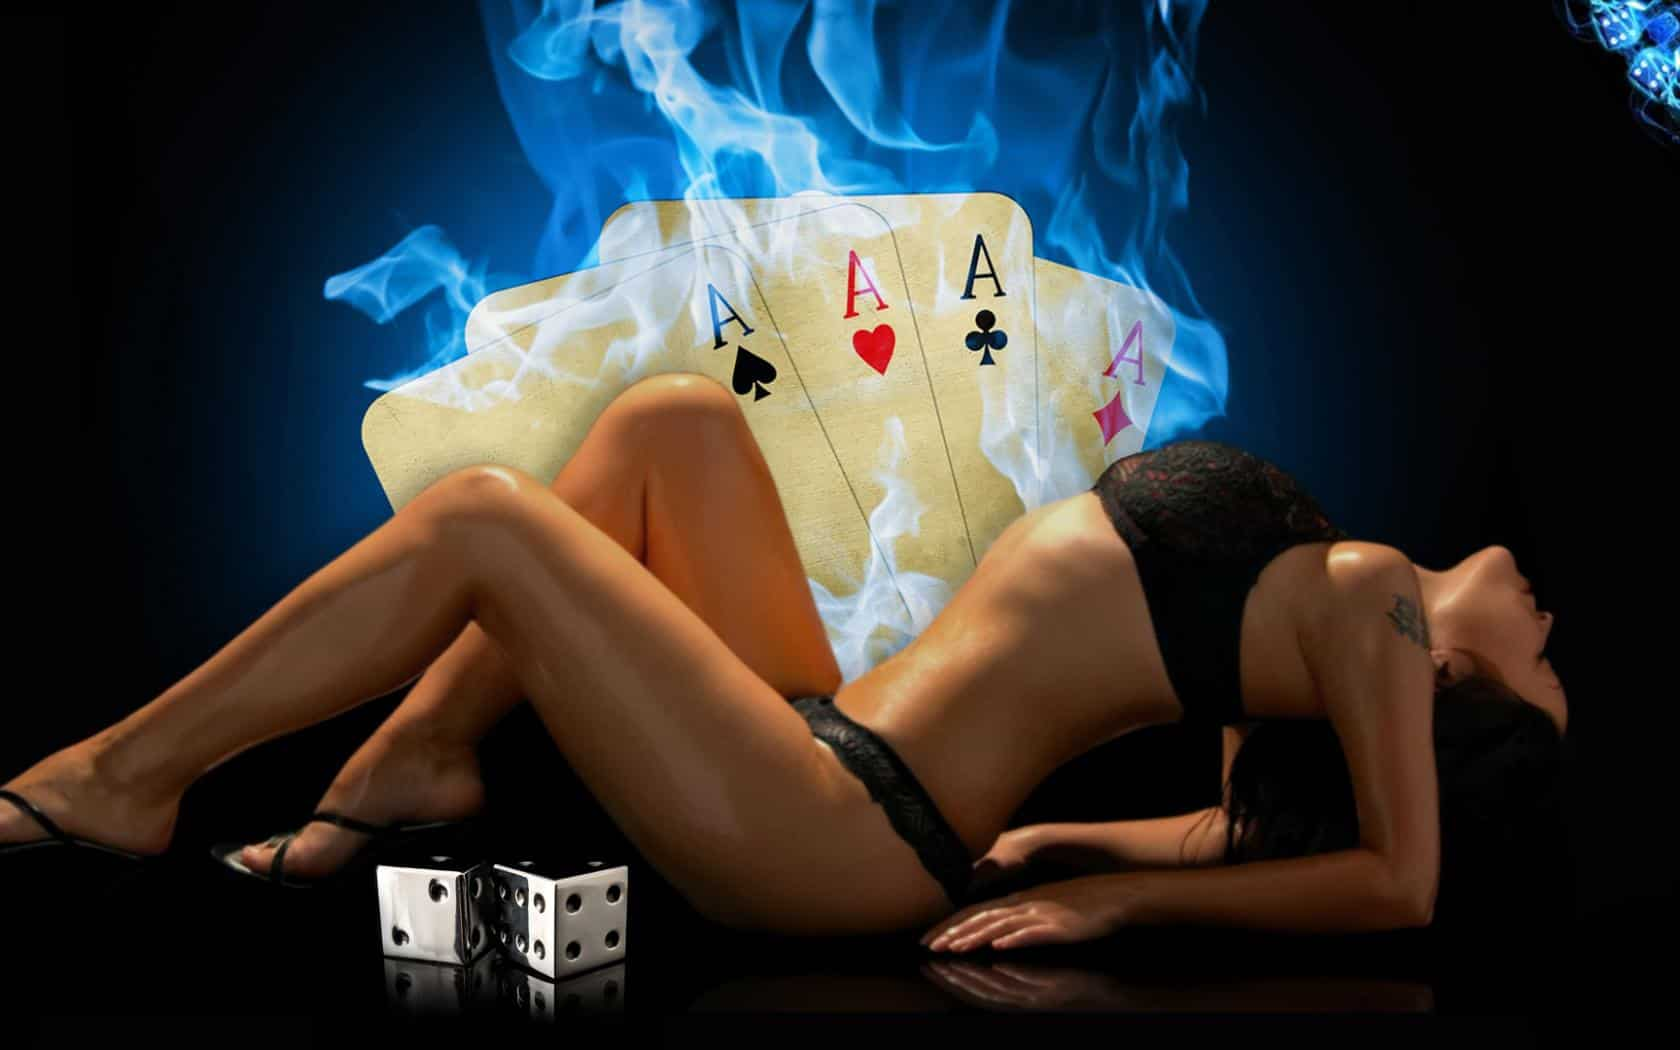 онлайн покер в интернете